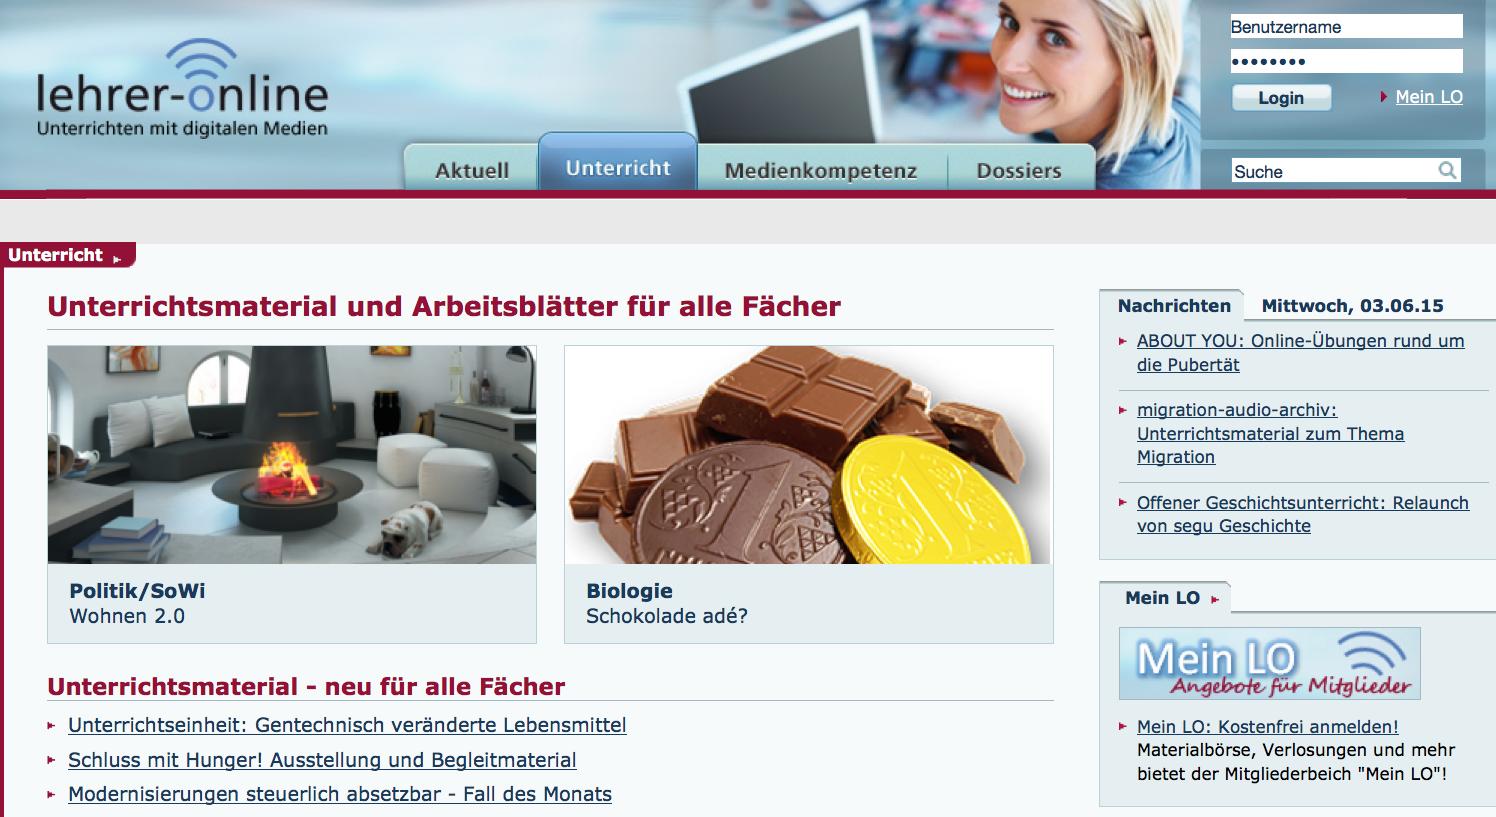 Screenshot von lehrer-online.de (nicht unter freier Lizenz)